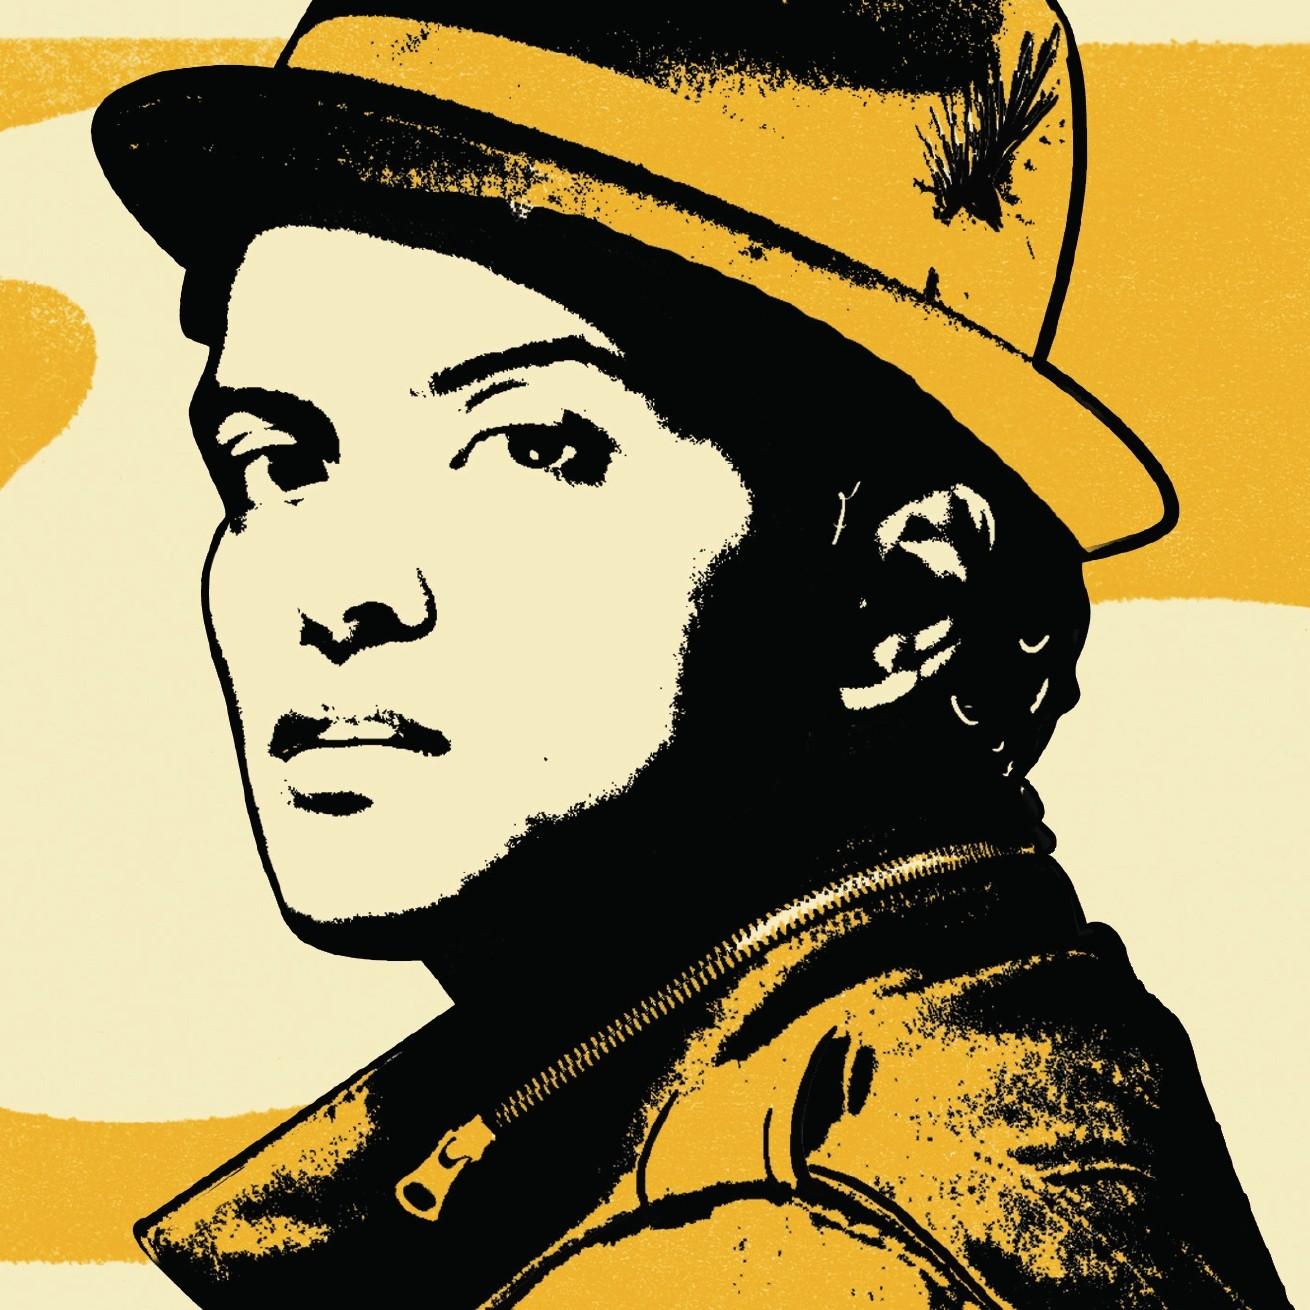 Doo-Wops & Hooligans by Bruno Mars on Apple Music